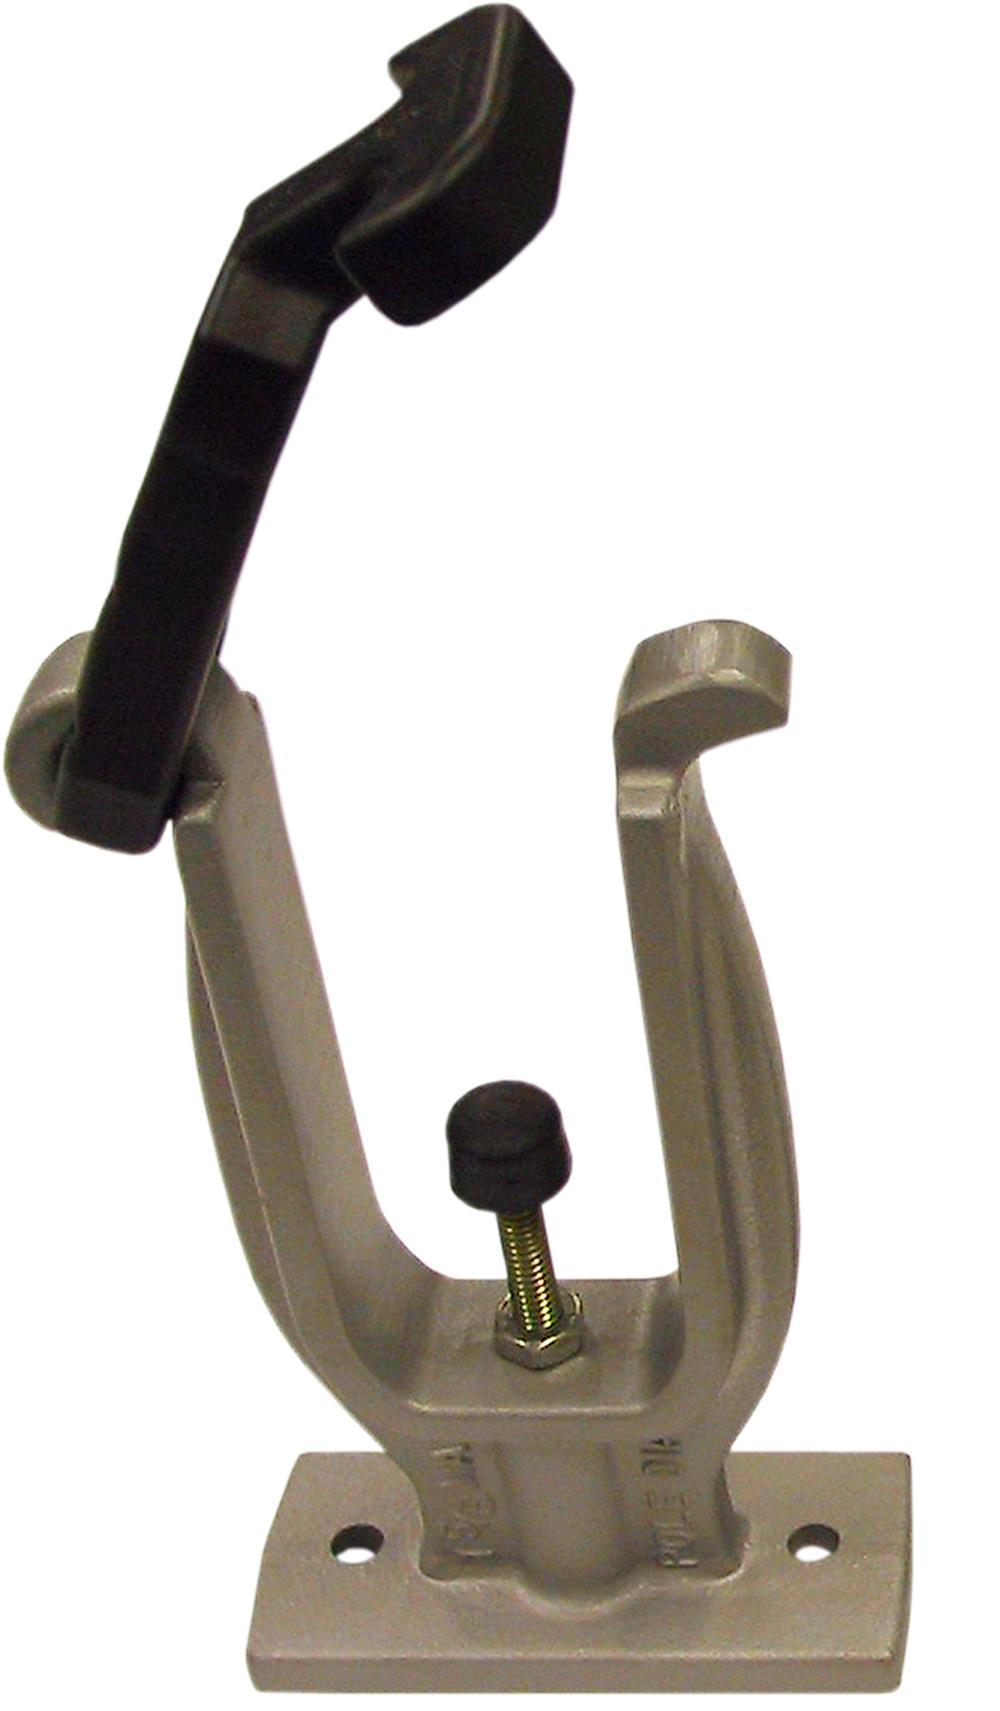 Ziamatic Corporation 187 Shovel Bracket